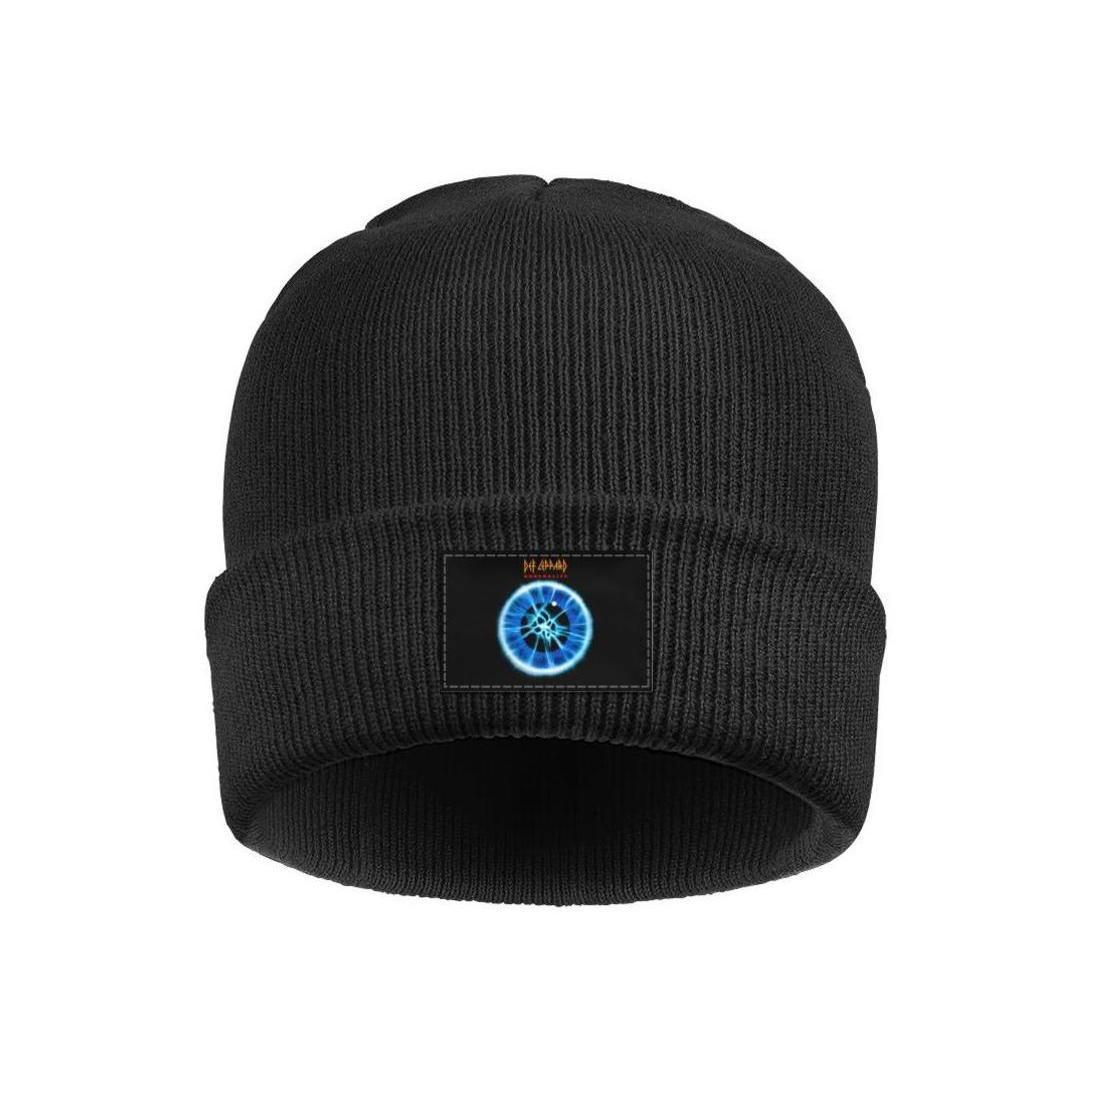 Moda Def Leppard bant Adrenalize Kış Kayak Beanie Kafatası Şapka Rulo 3 Love Bites dünya turu Histeri Albüm